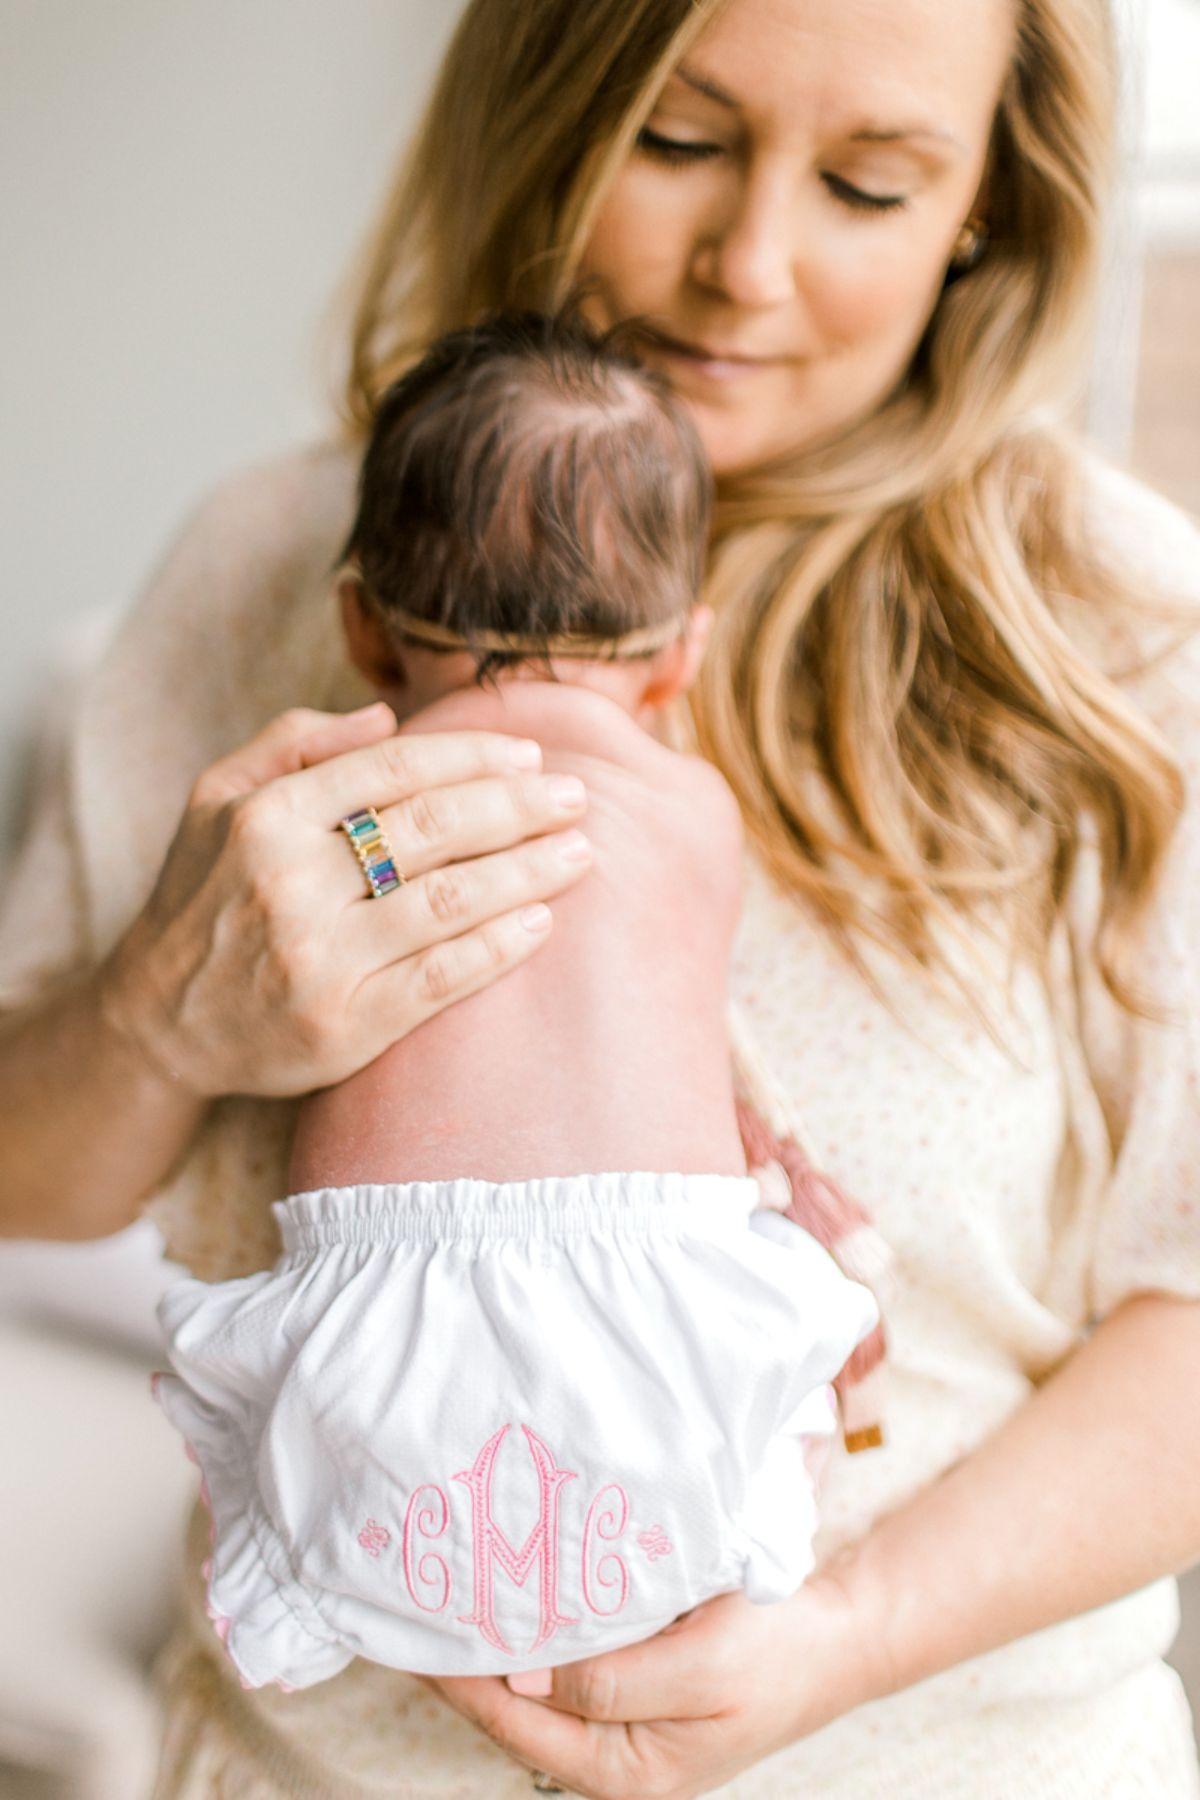 ennis-newborn-photographer-kaitlyn-bullard-charlotte-lifestyle-newborn-1.jpg